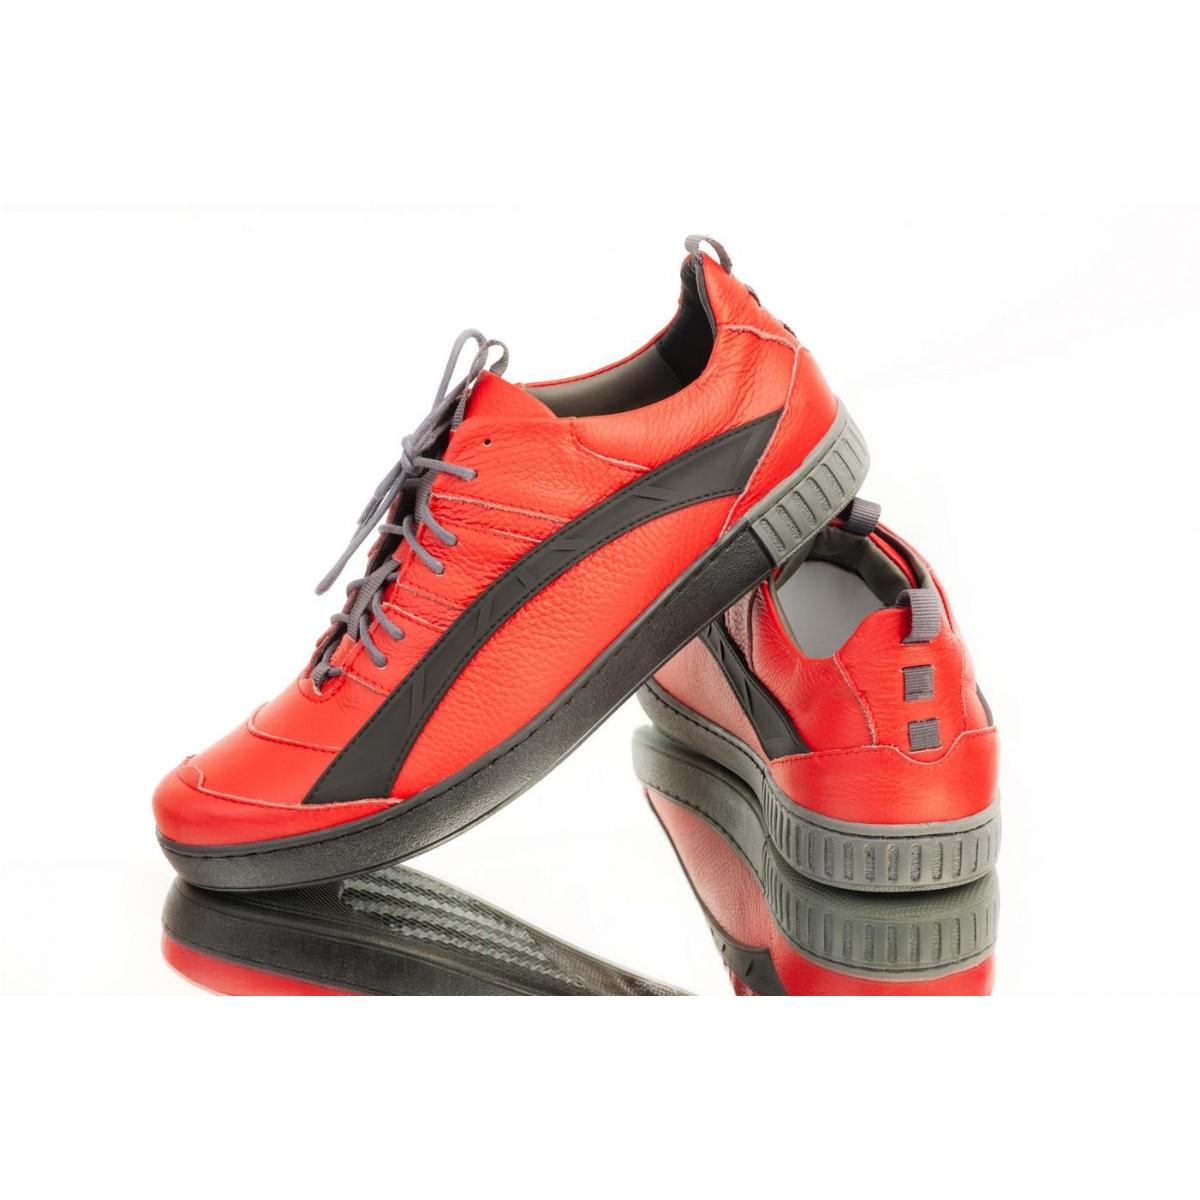 077caaab5c6a Pánske červené topánky ELIAS - 3